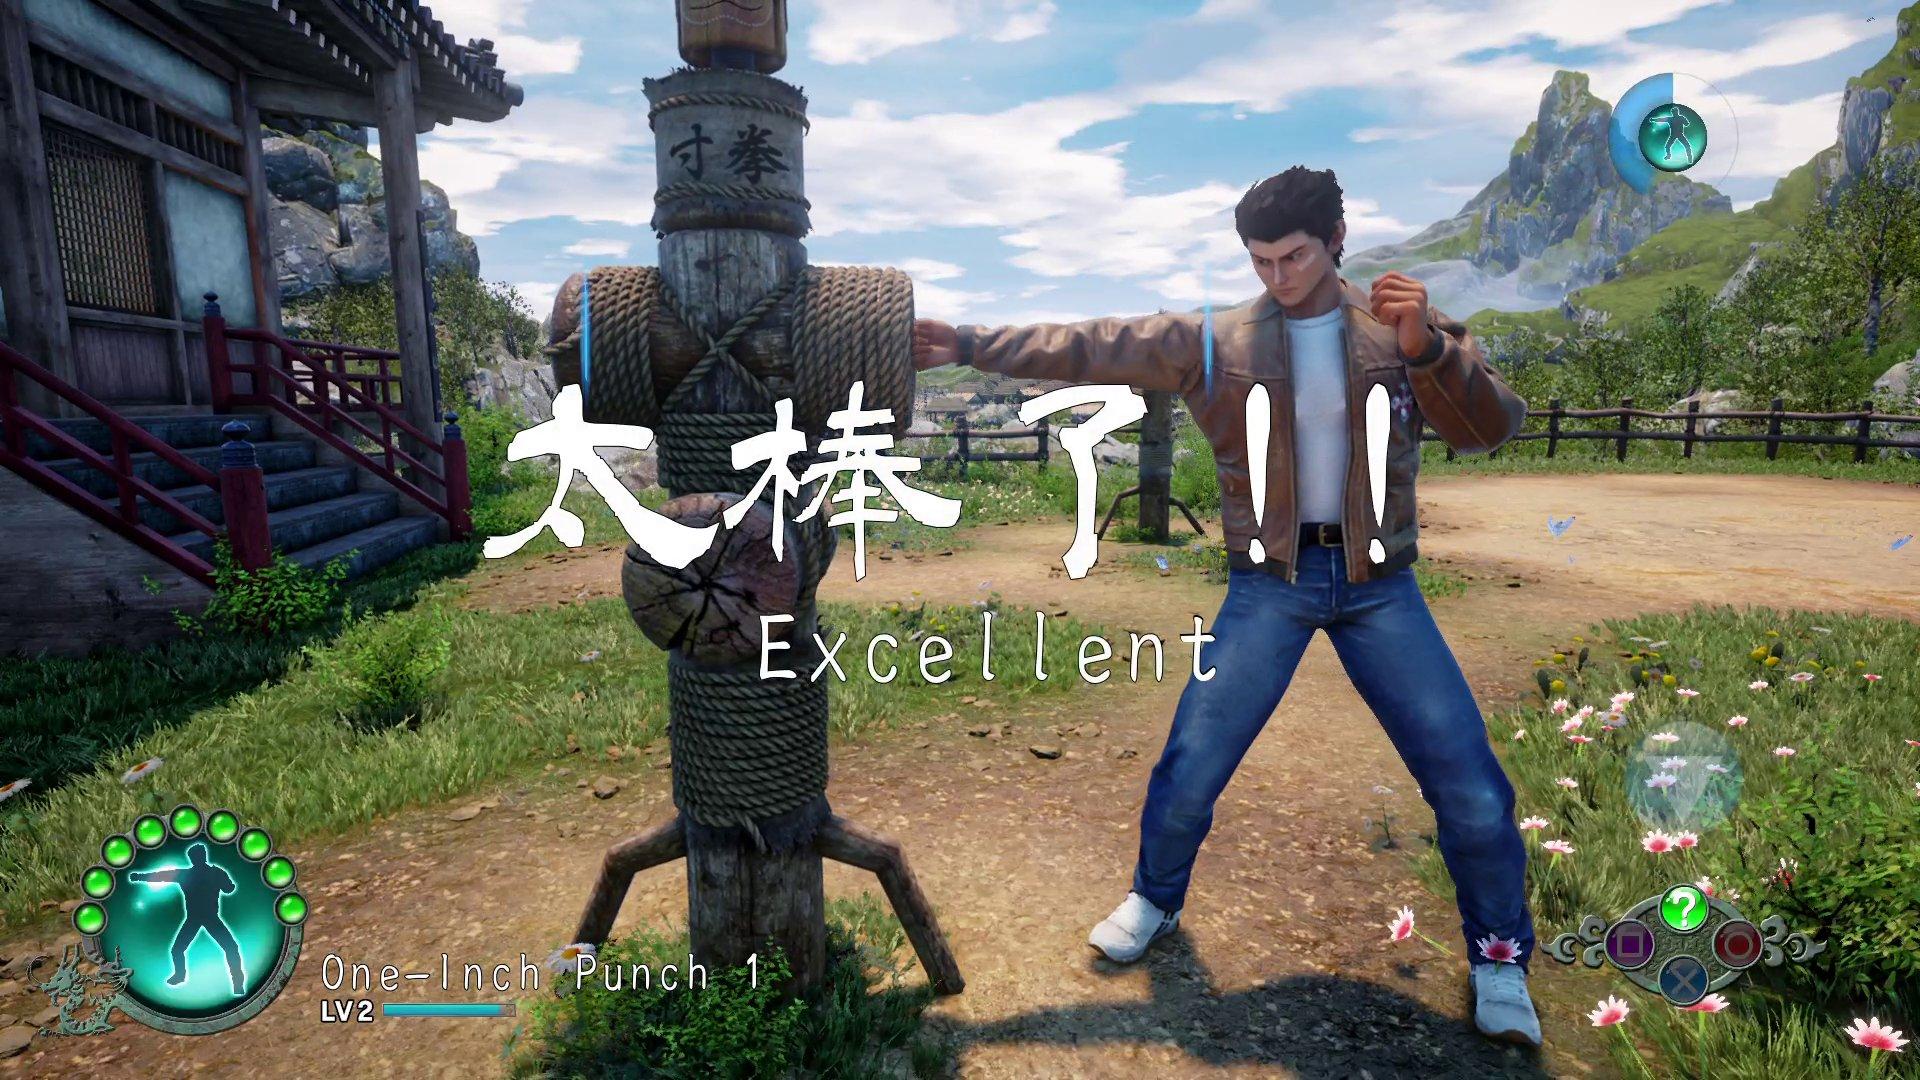 このゲームではトレーニングのミニゲームを繰り返すことで強くなるというRPG的なシステムが採用されている